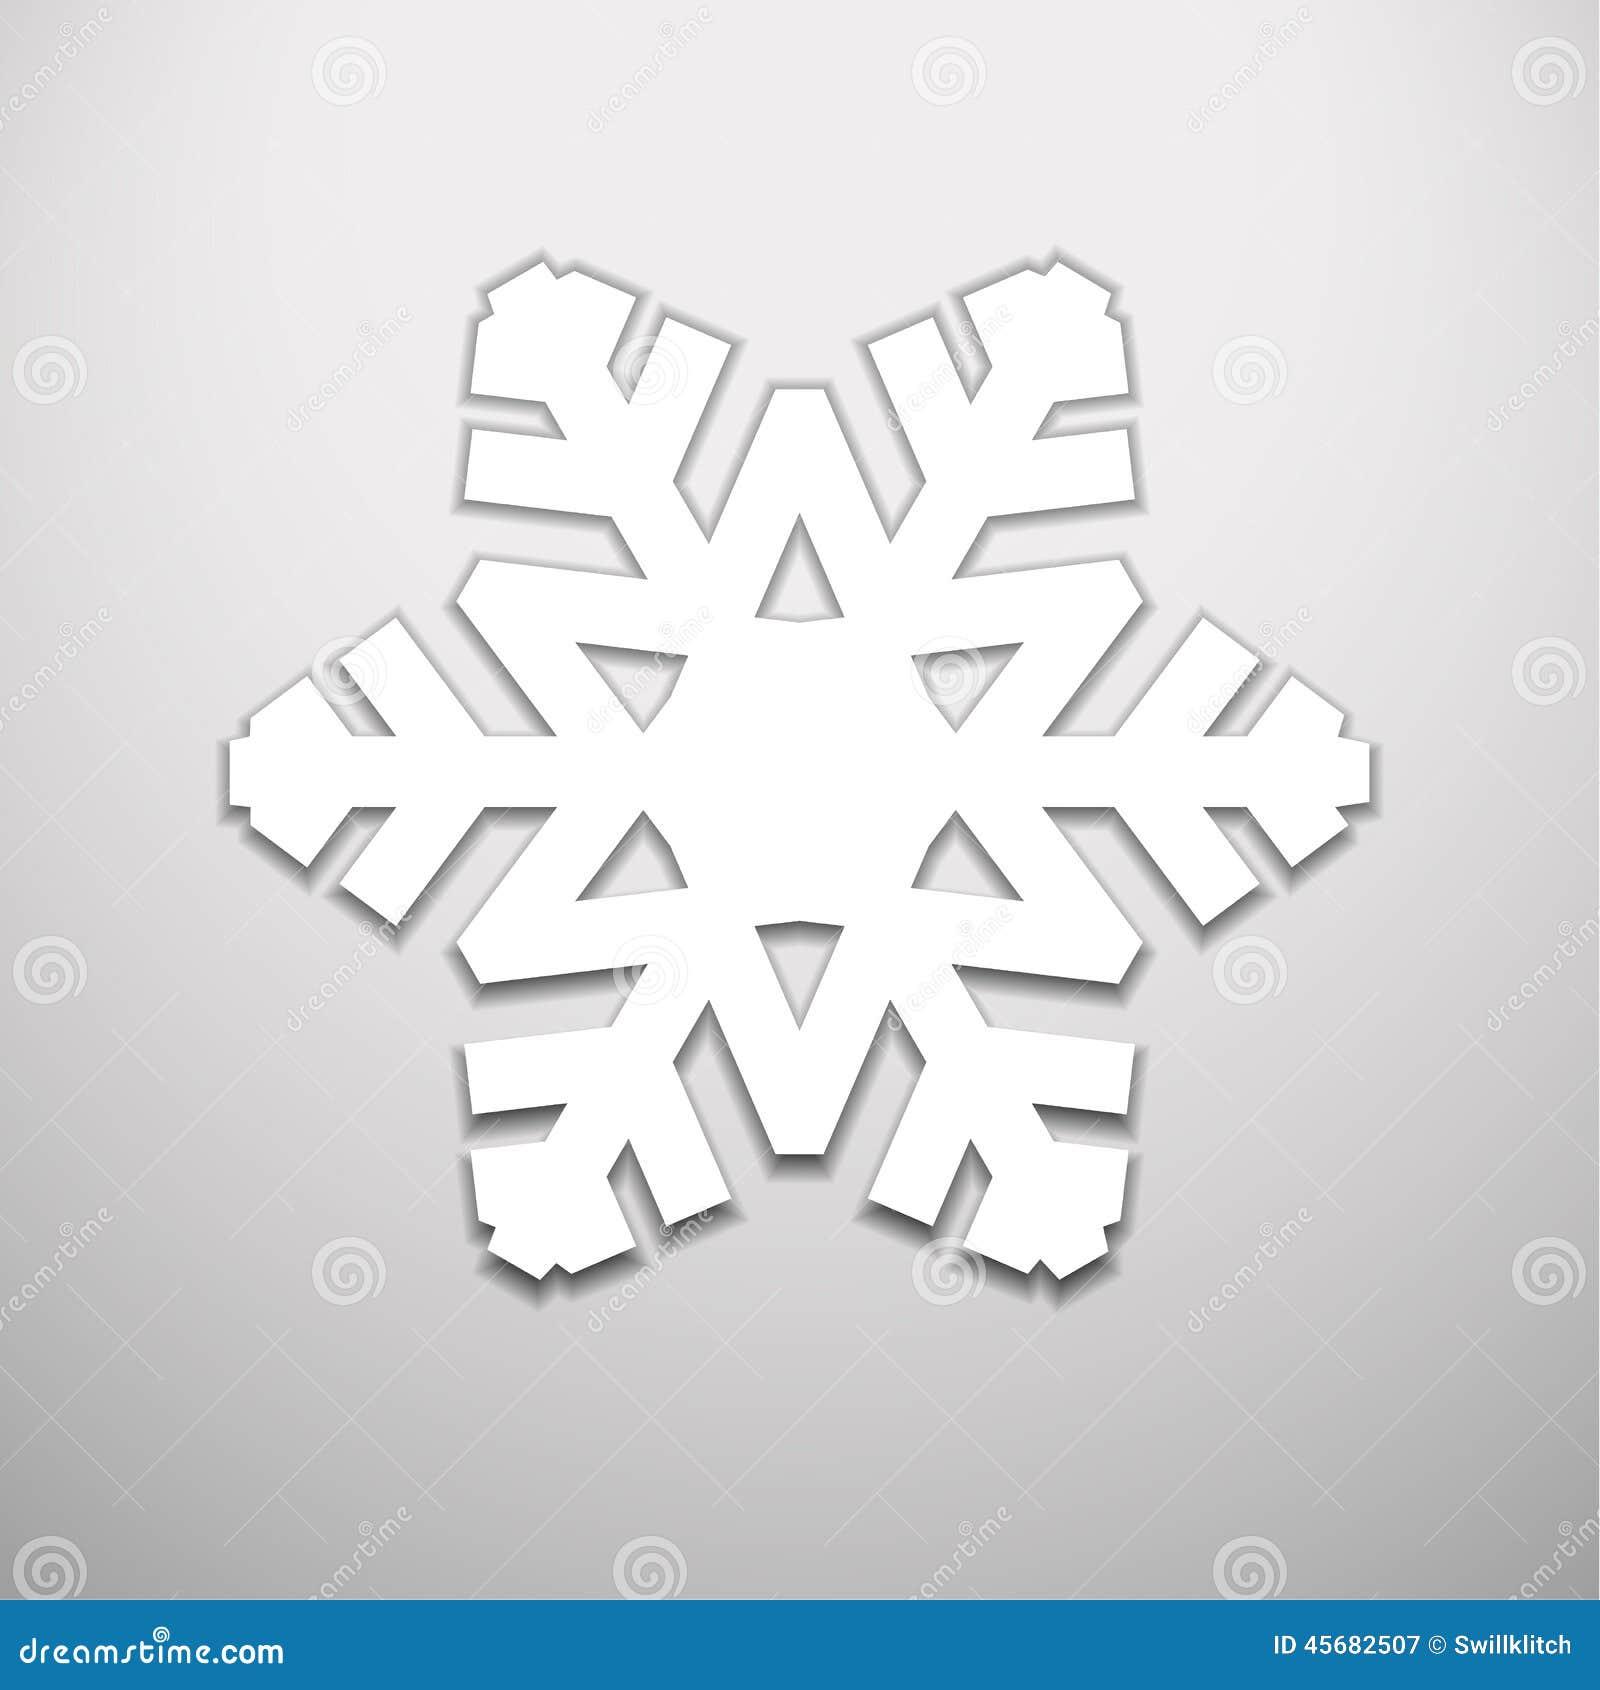 圣诞雪景简笔画